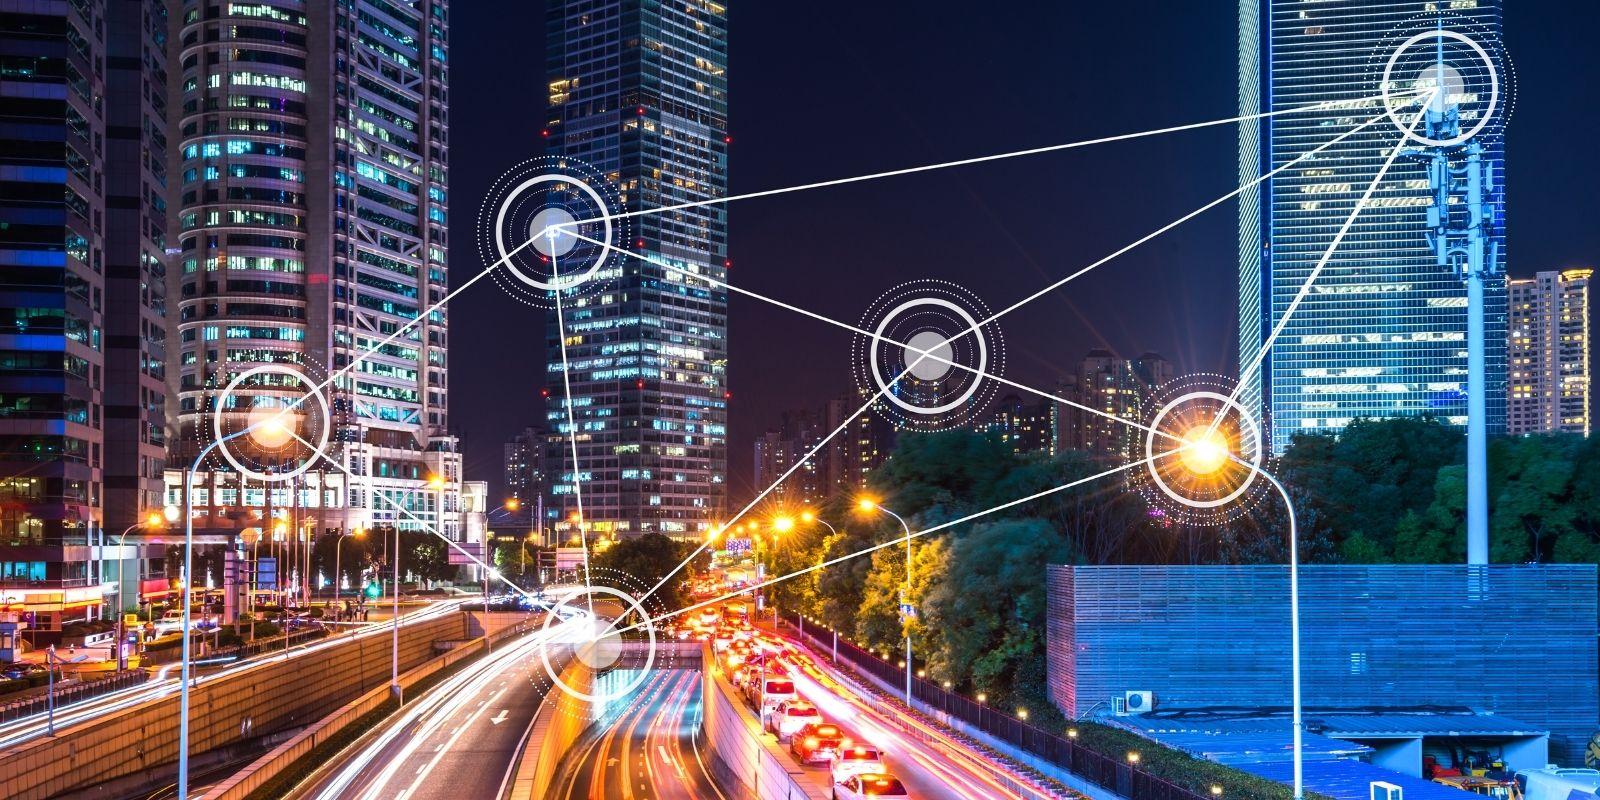 La inversión en las smart cities, una herramienta para vivir mejor en el futuro y obtener rentabilidad ahora